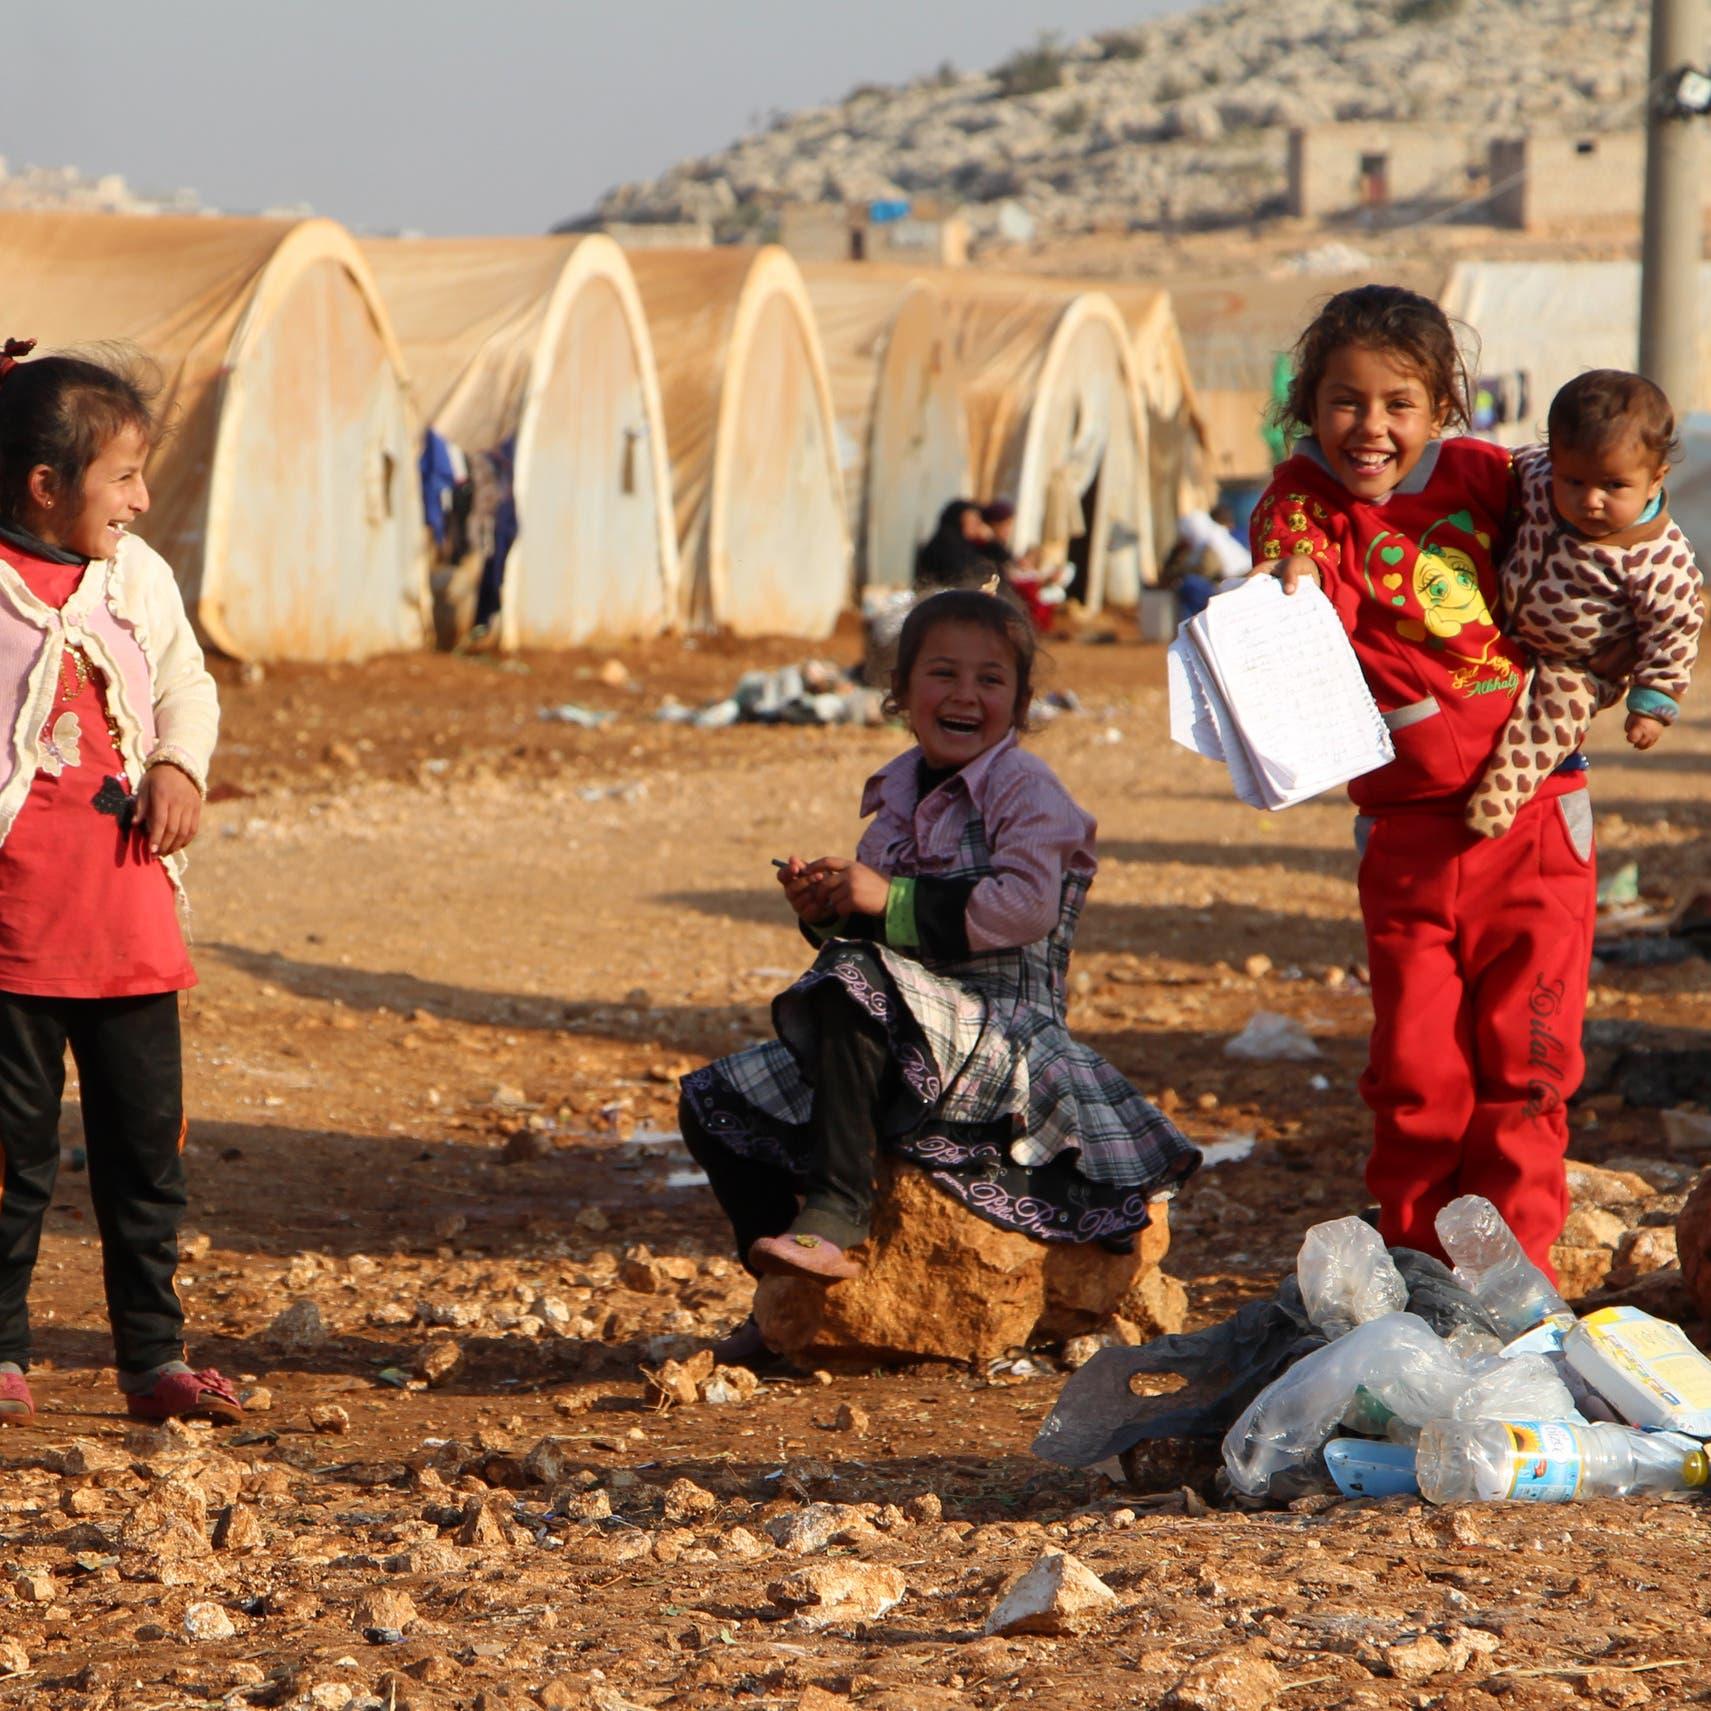 23 ألف عراقي في سوريا يخشون العودة.. خوفاً من الانتقام